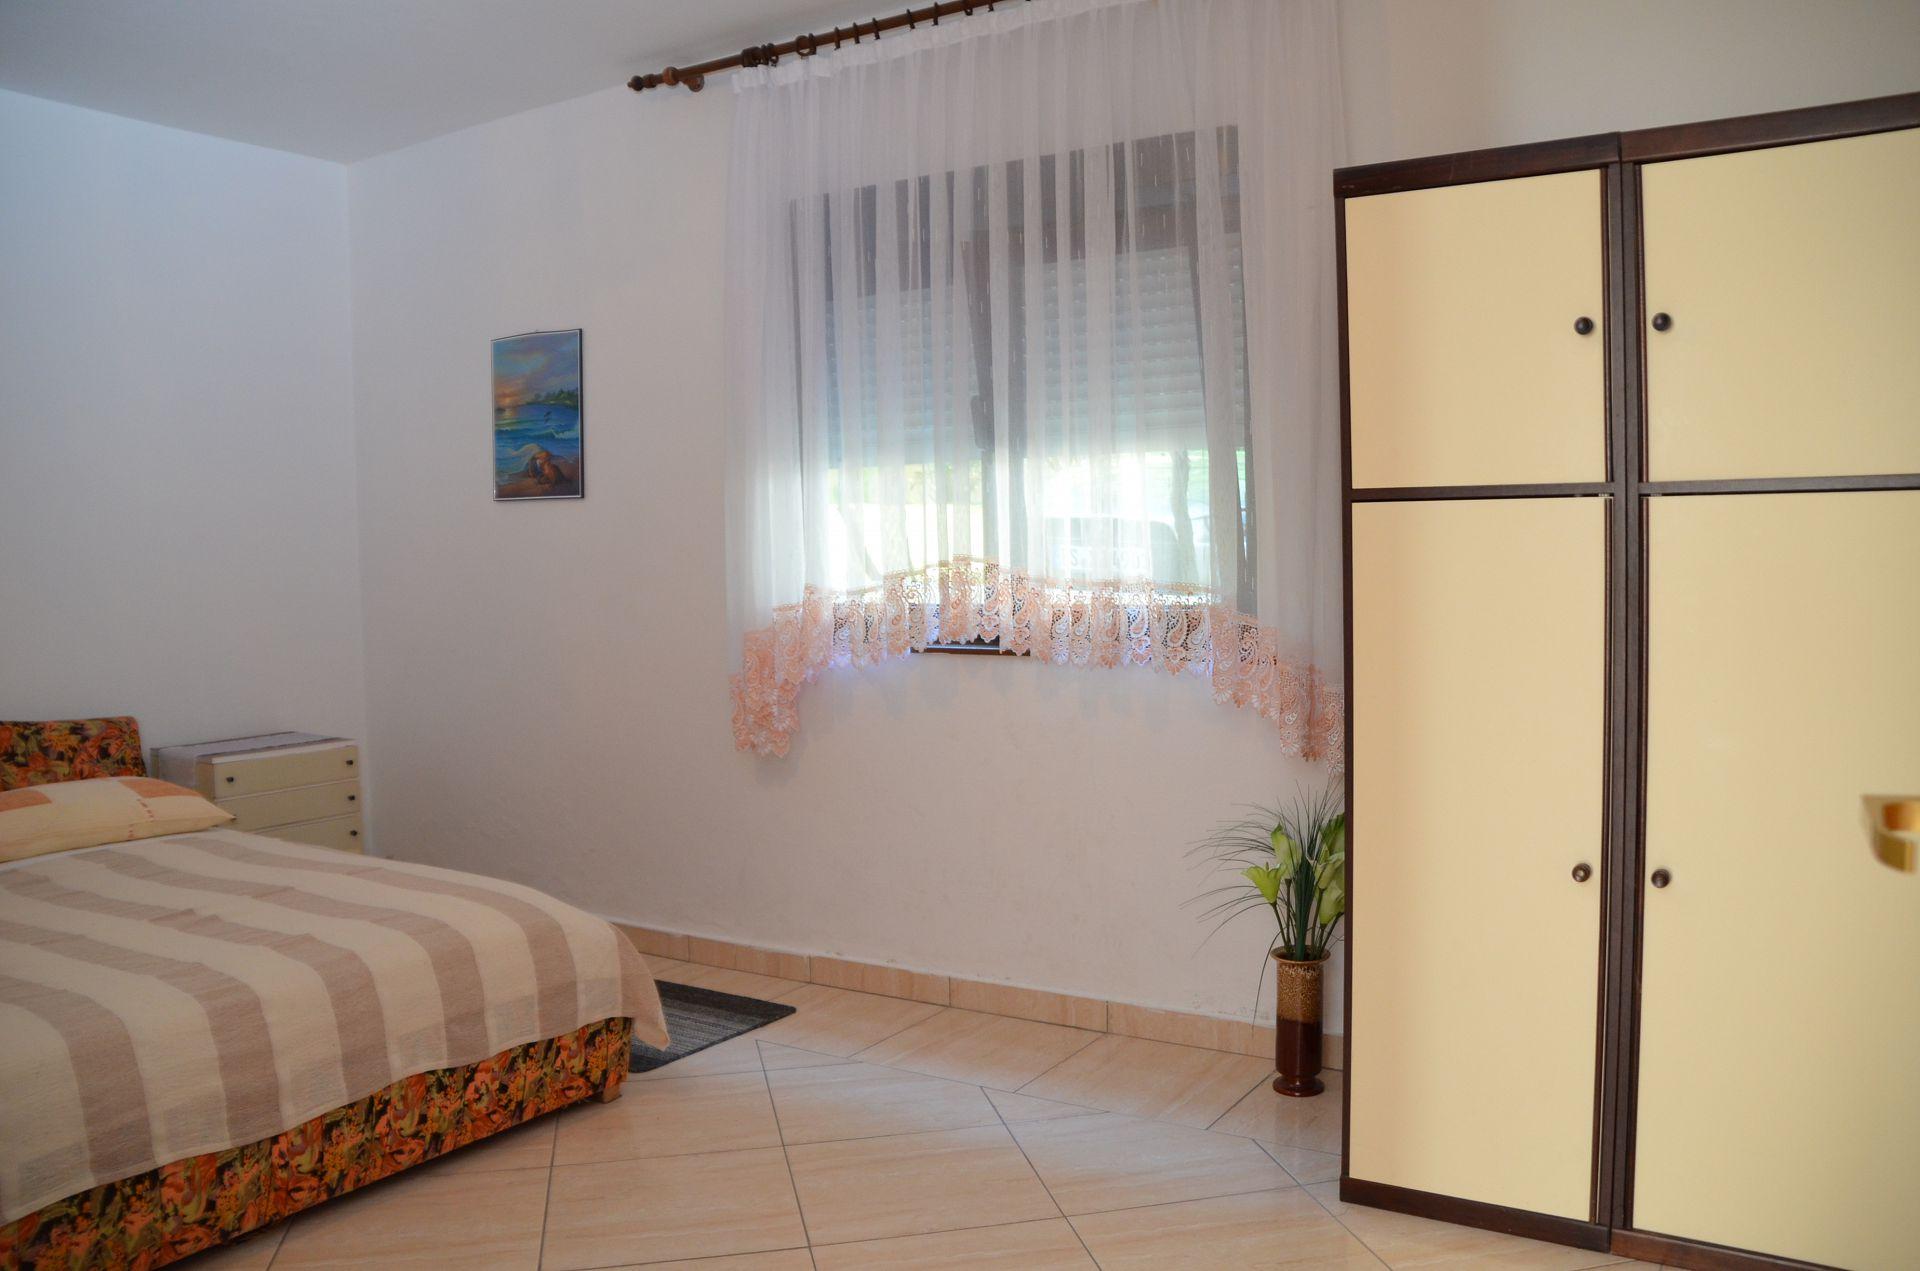 Apartamente Apartment Ruža A1 Supetarska Draga, Island Rab 51806, Supetarska Draga, Rab, Primorsko-goranska